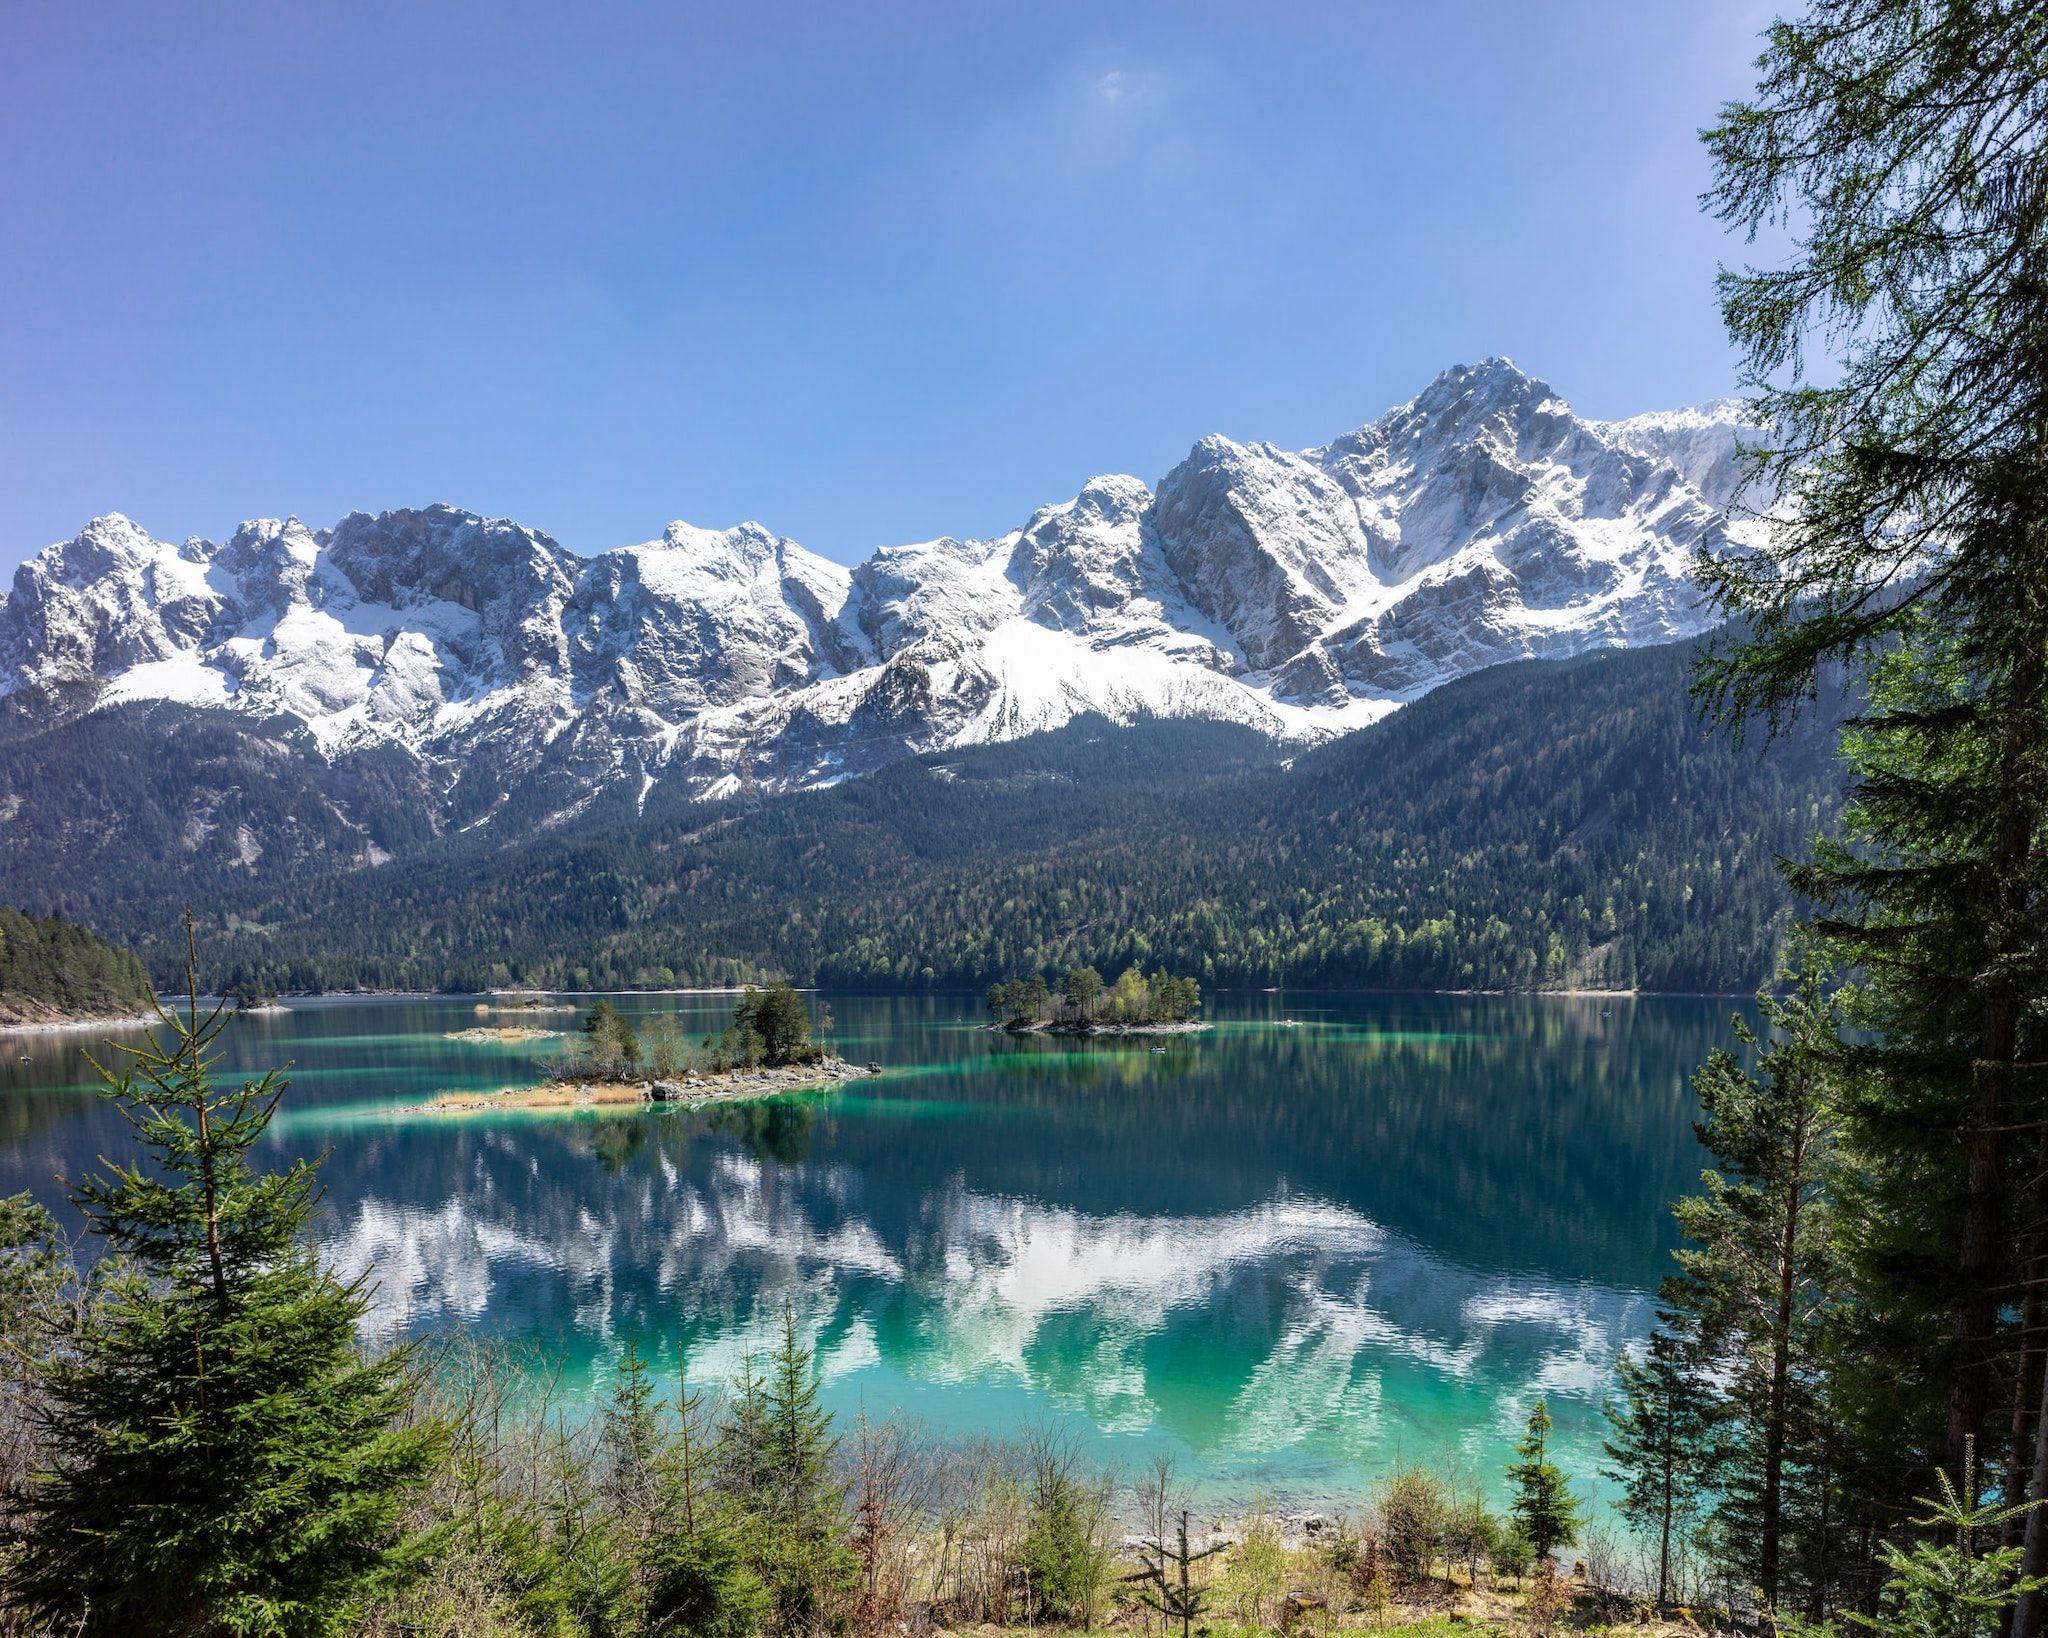 Wo könnt Ihr dieses Jahr Urlaub in Deutschland trotz Corona machen? Und was müsst Ihr dabei beachten? Wir haben die wichtigsten Informationen über das Reisen hierzulande zusammengestellt.